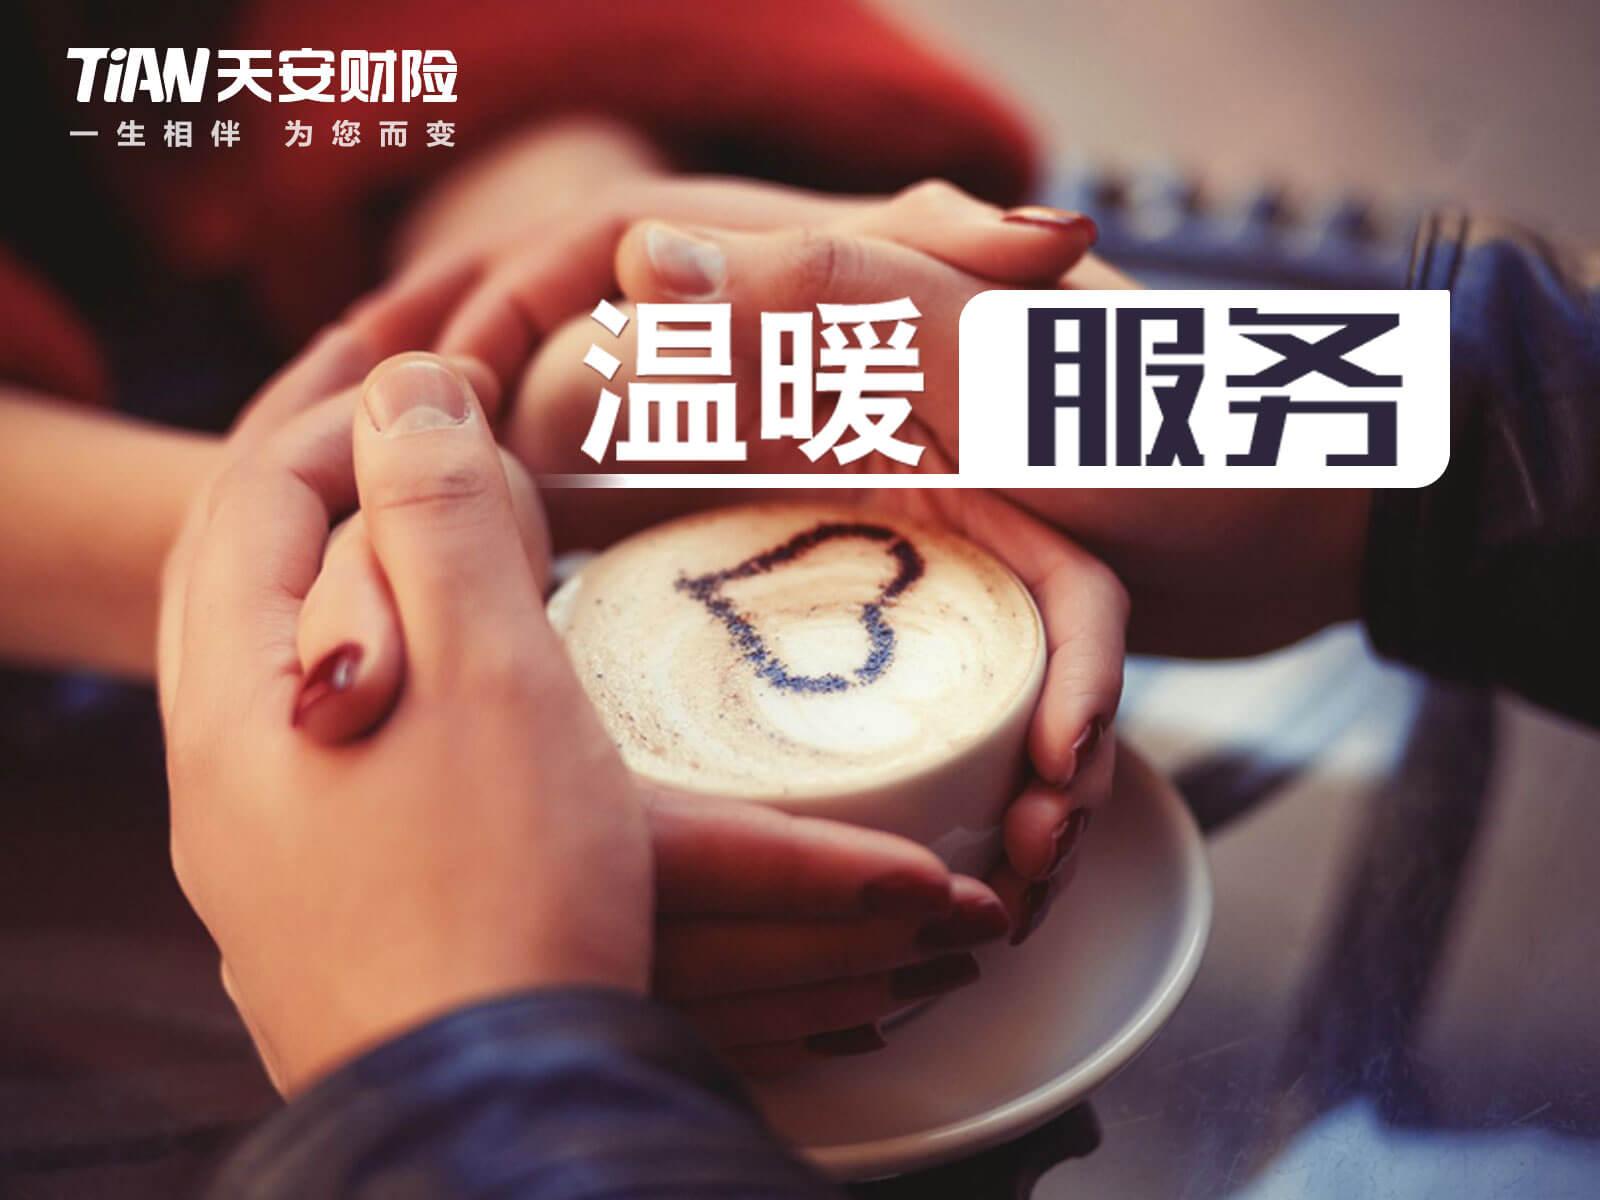 安财险南通启东支公司:映玉无暇绽风华吴霞